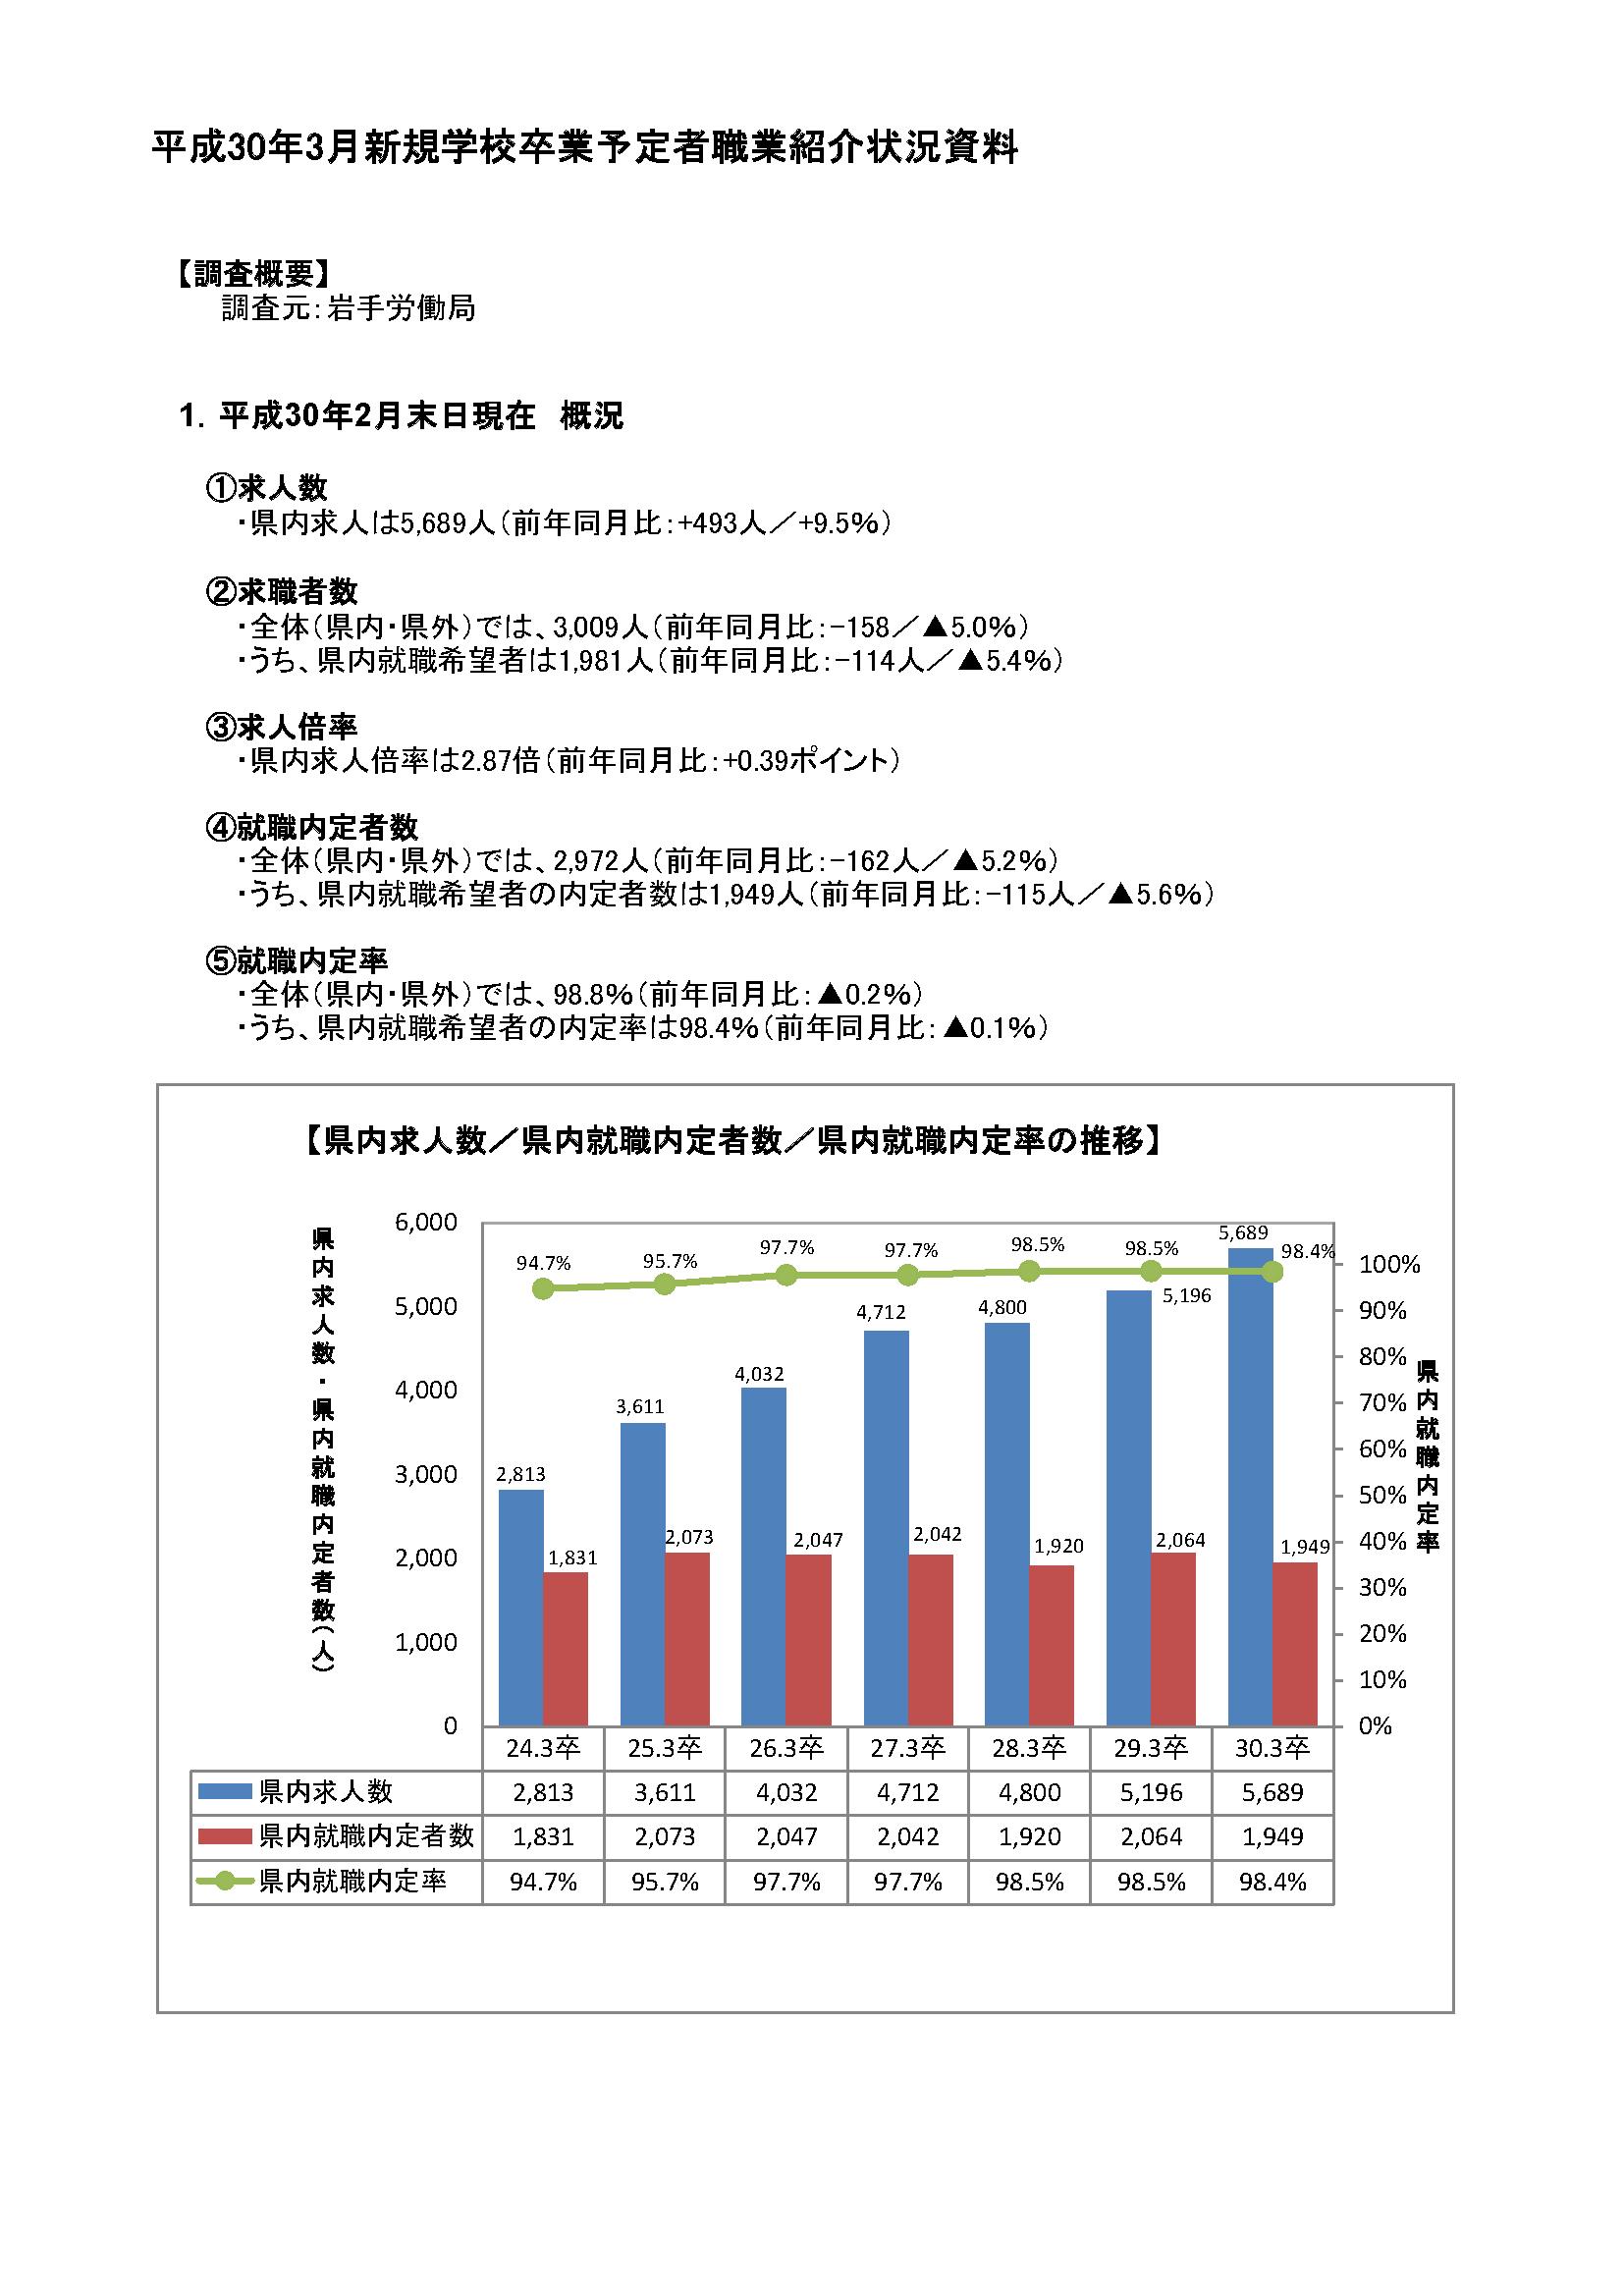 H30.3月高卒者職業紹介状況資料(201802月末現在)